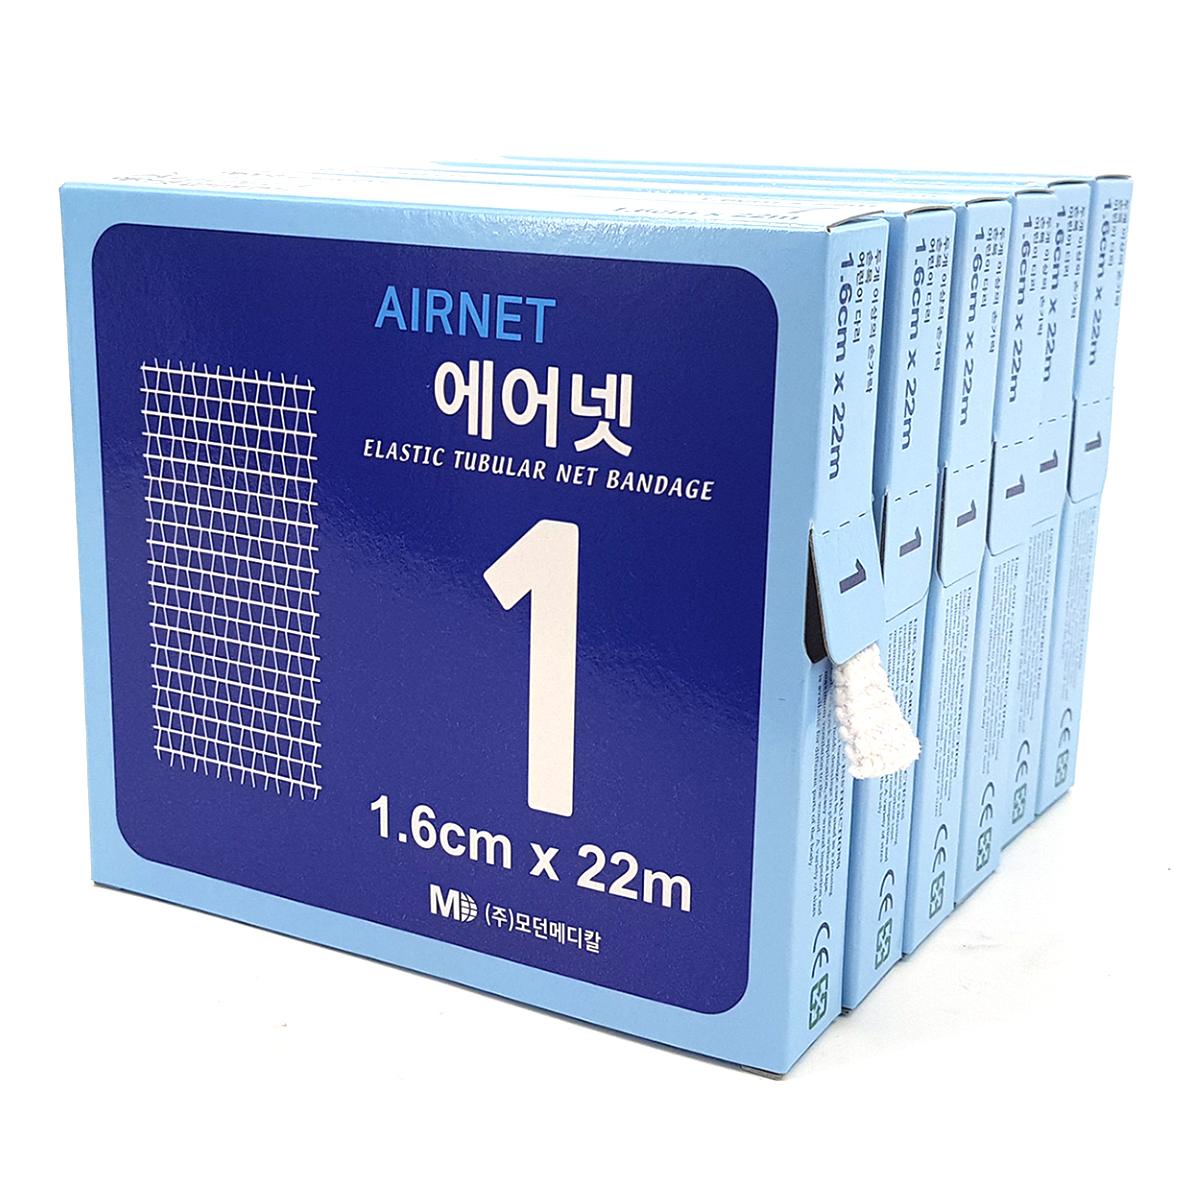 에어넷 1호 1.6cm x 22m 망붕대 AIRNET